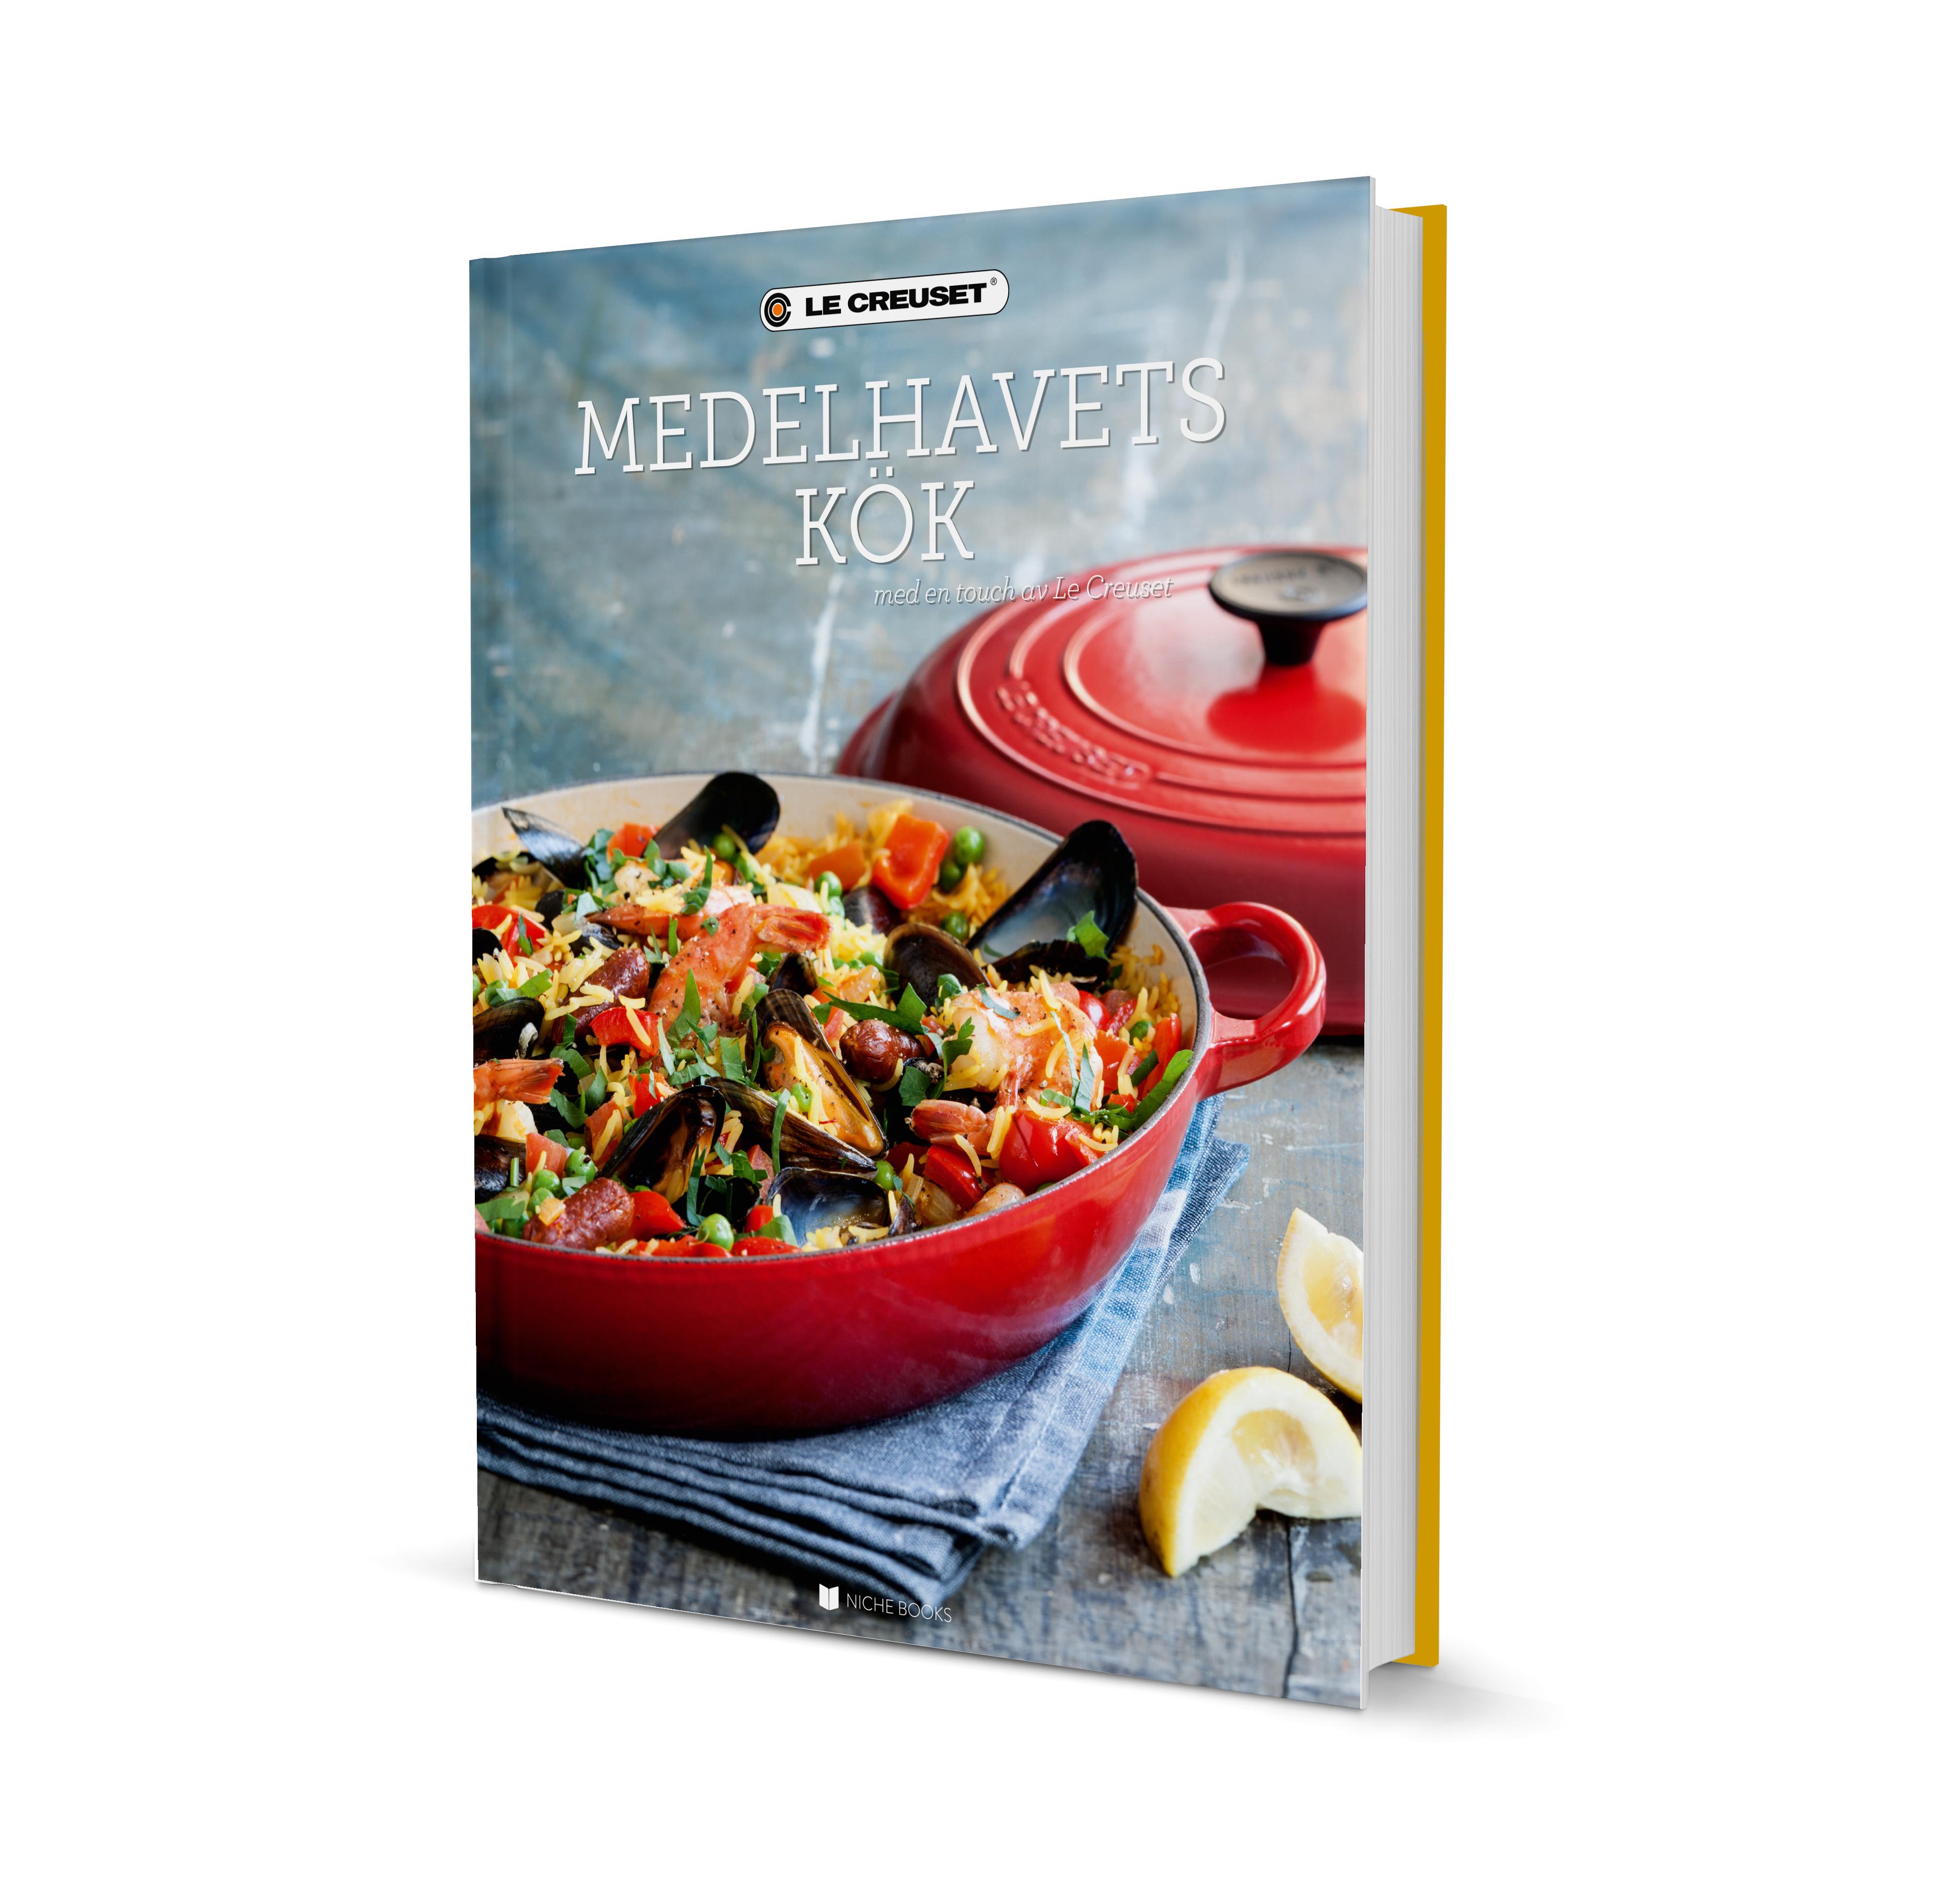 Kokbok Medelhavets kök